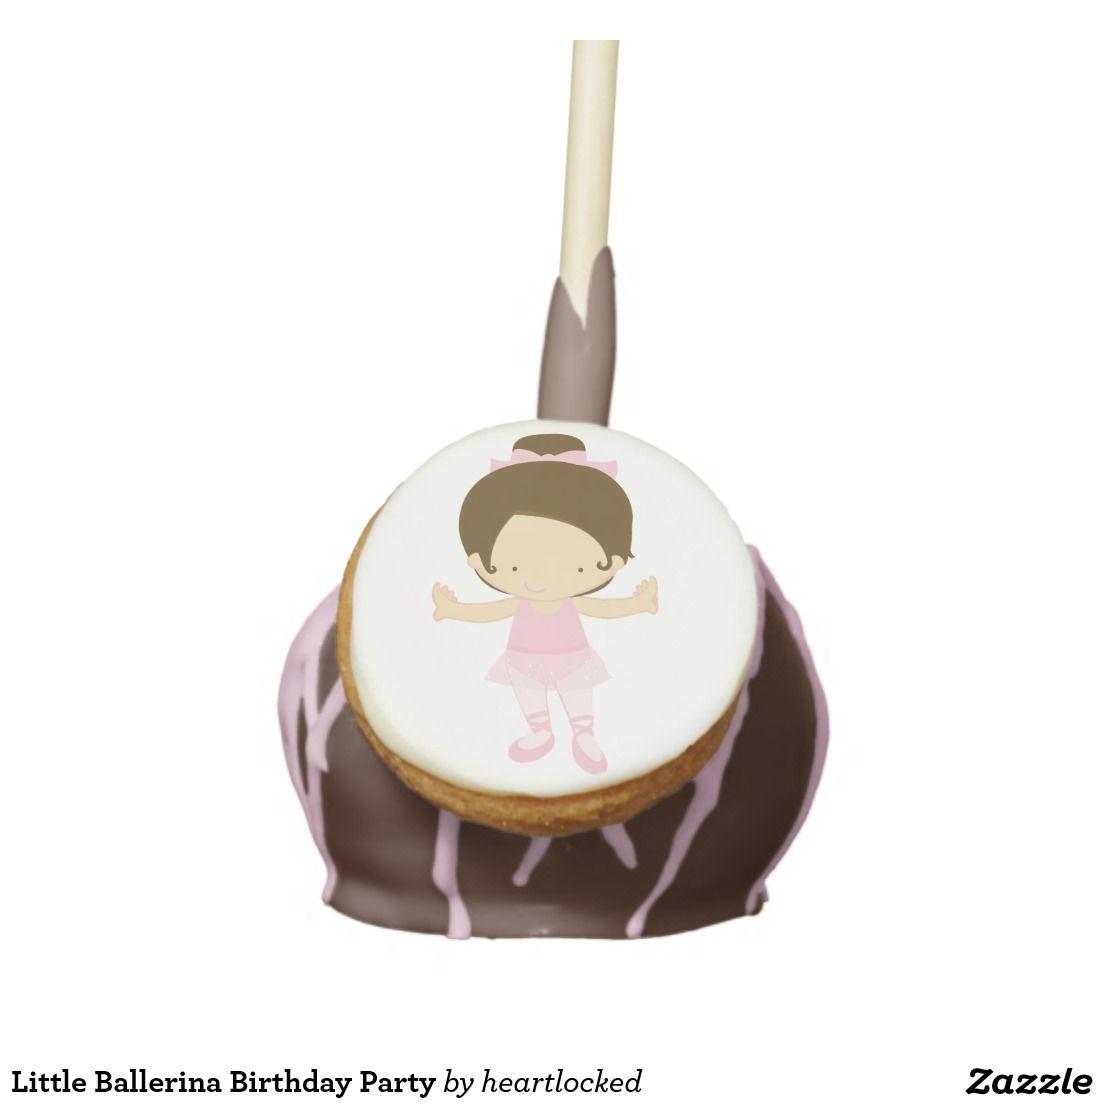 Little Ballerina Birthday Party Cake Pops